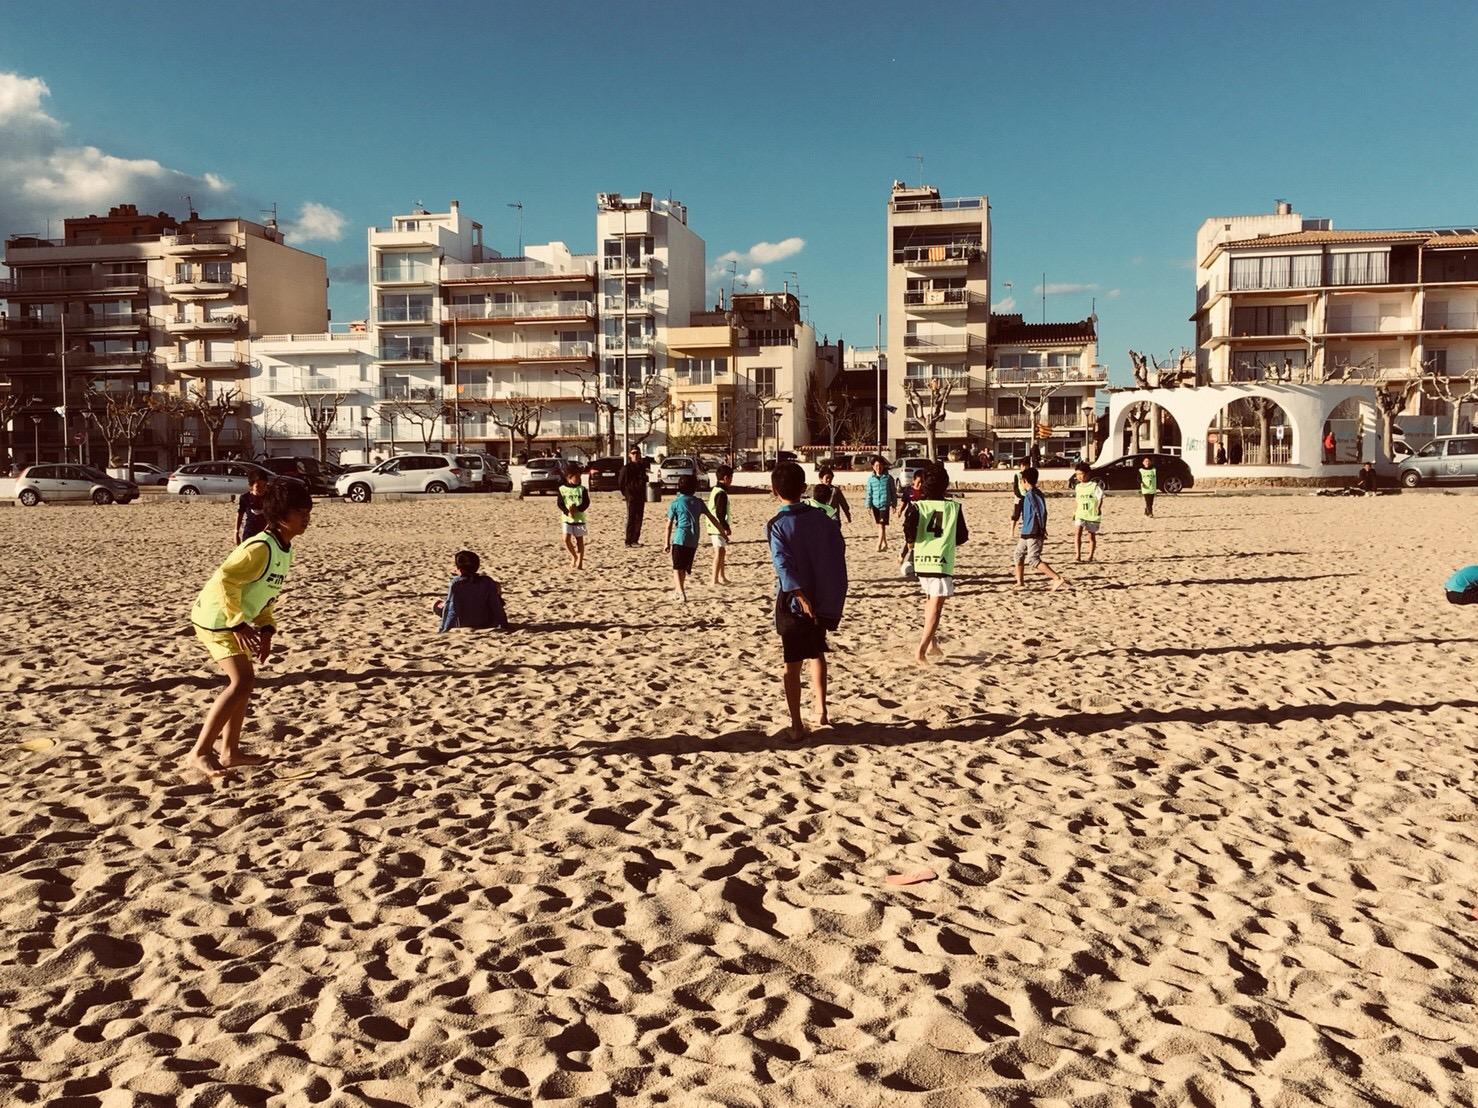 スペイン遠征8日目 Alevin B 質の高い試合を見てサッカーを学びます!